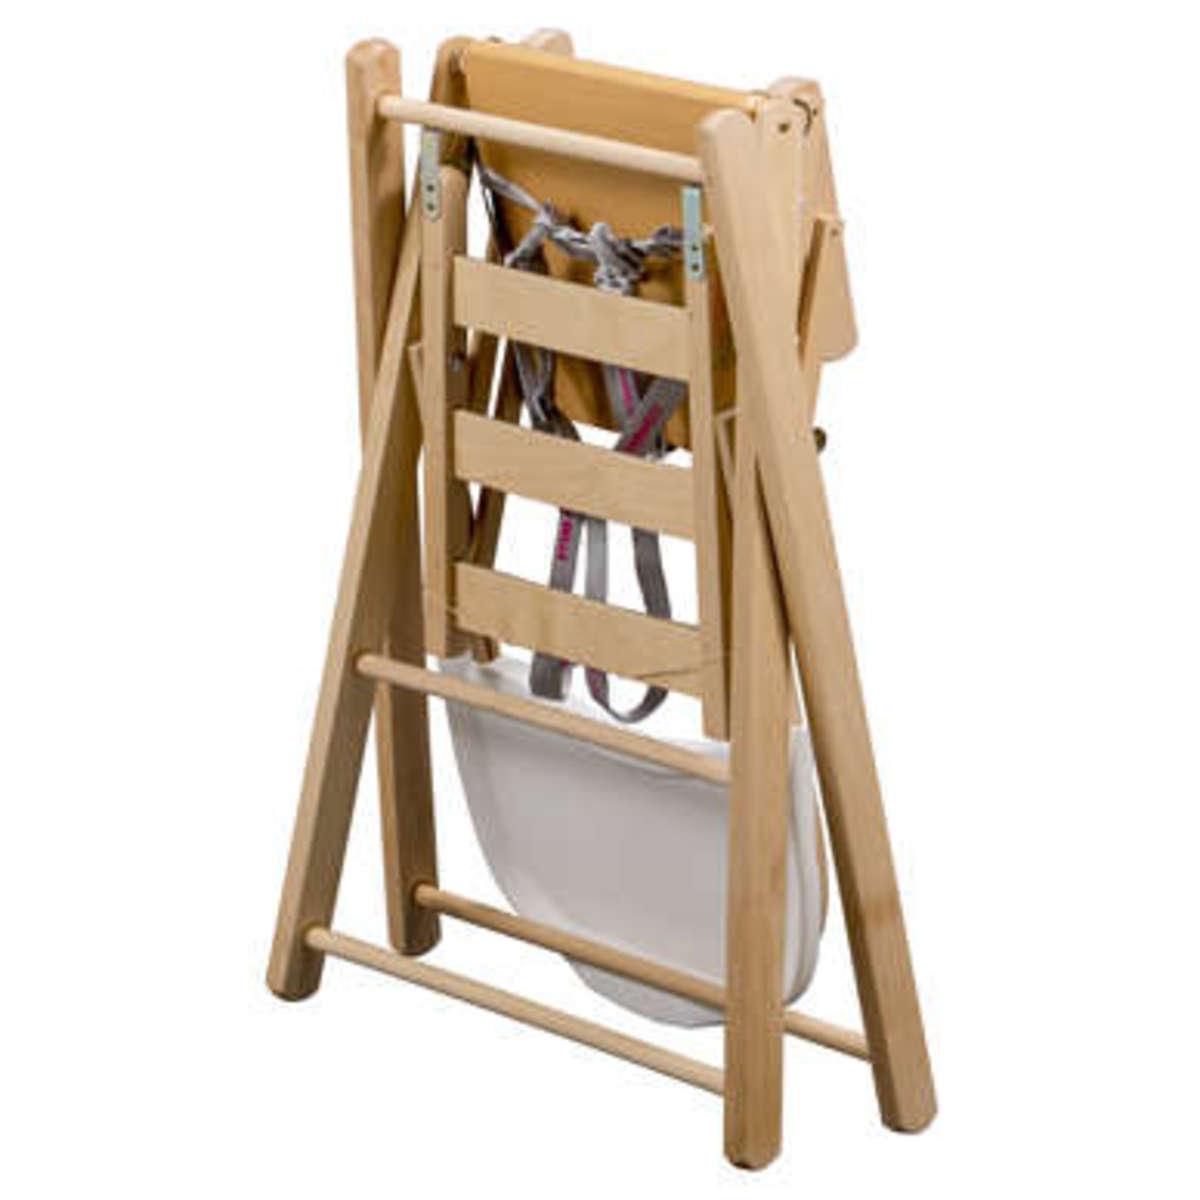 combelle chaise haute extra pliante sarah laqu noir chaise haute combelle sur l 39 armoire de b b. Black Bedroom Furniture Sets. Home Design Ideas